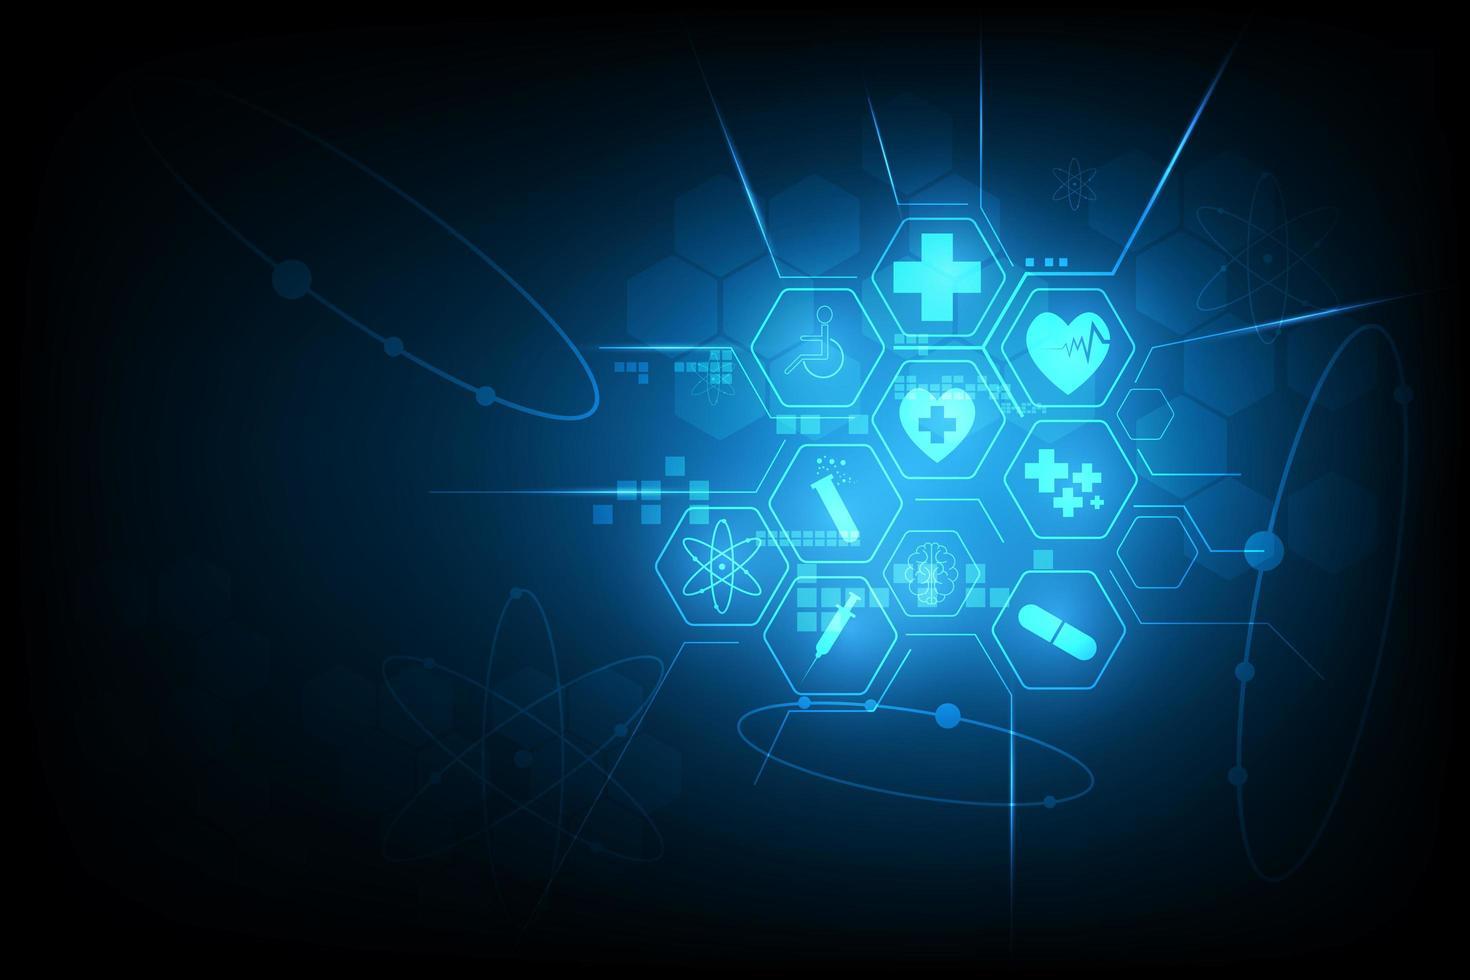 medizinisches Symbolentwurf des leuchtend blauen Sechsecks vektor